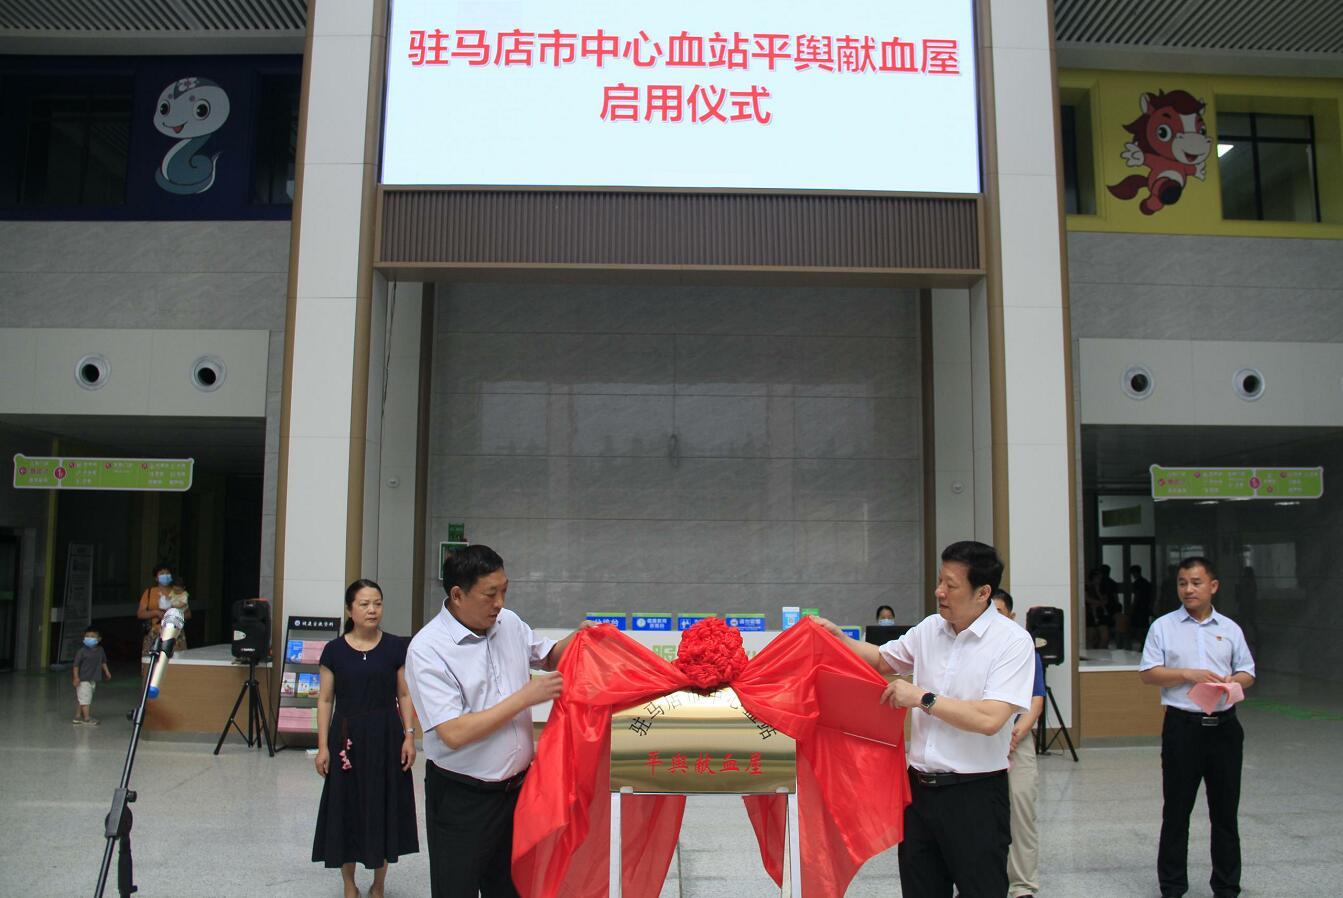 献爱心更方便 驻马店市中心血站平舆献血屋正式启用